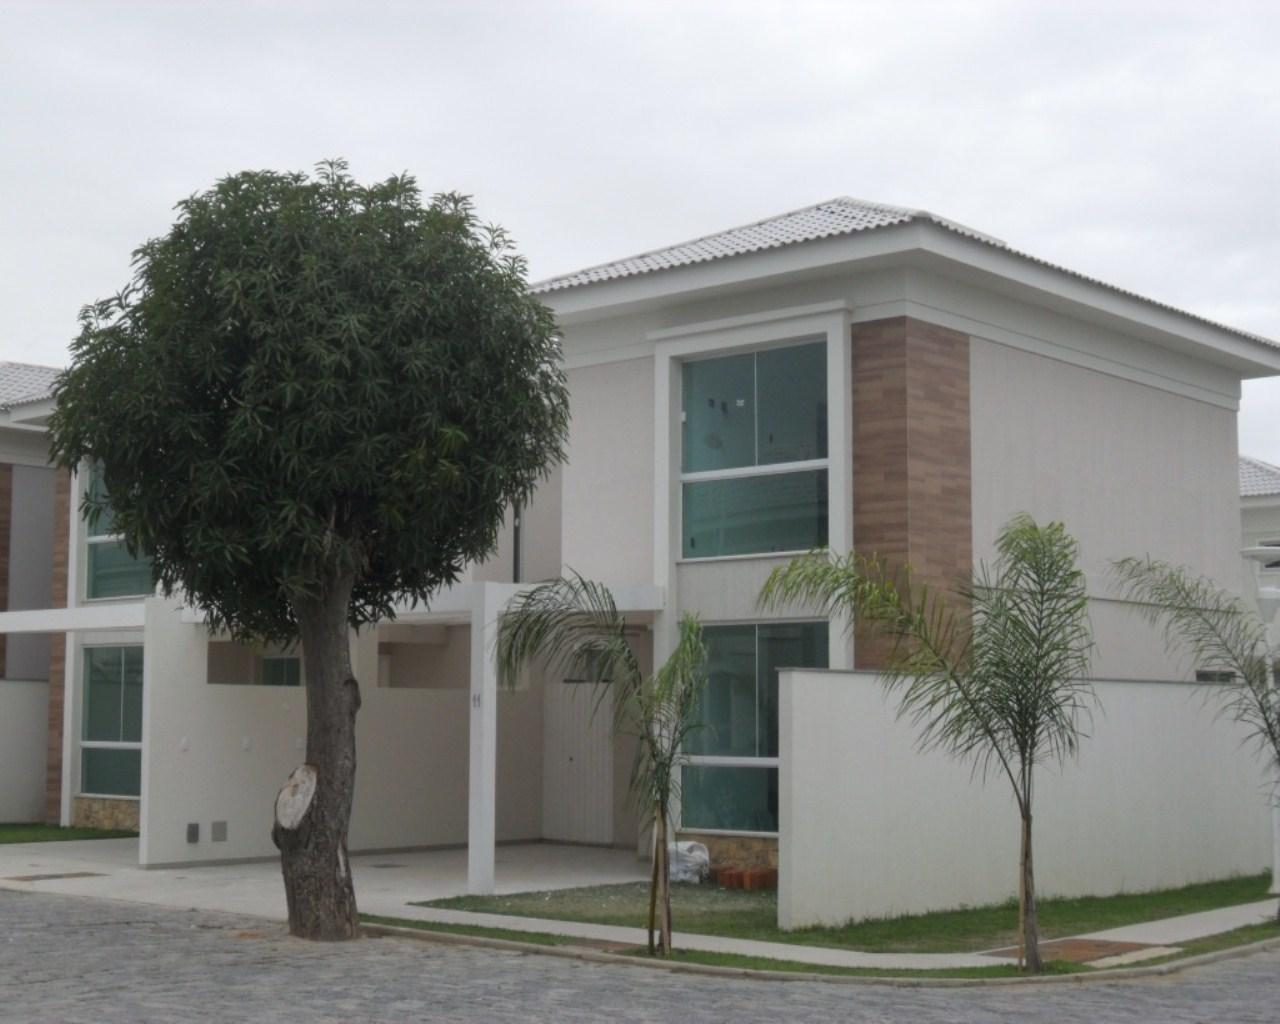 Imóvel em Parque Rosário  -  Campos dos Goytacazes - RJ